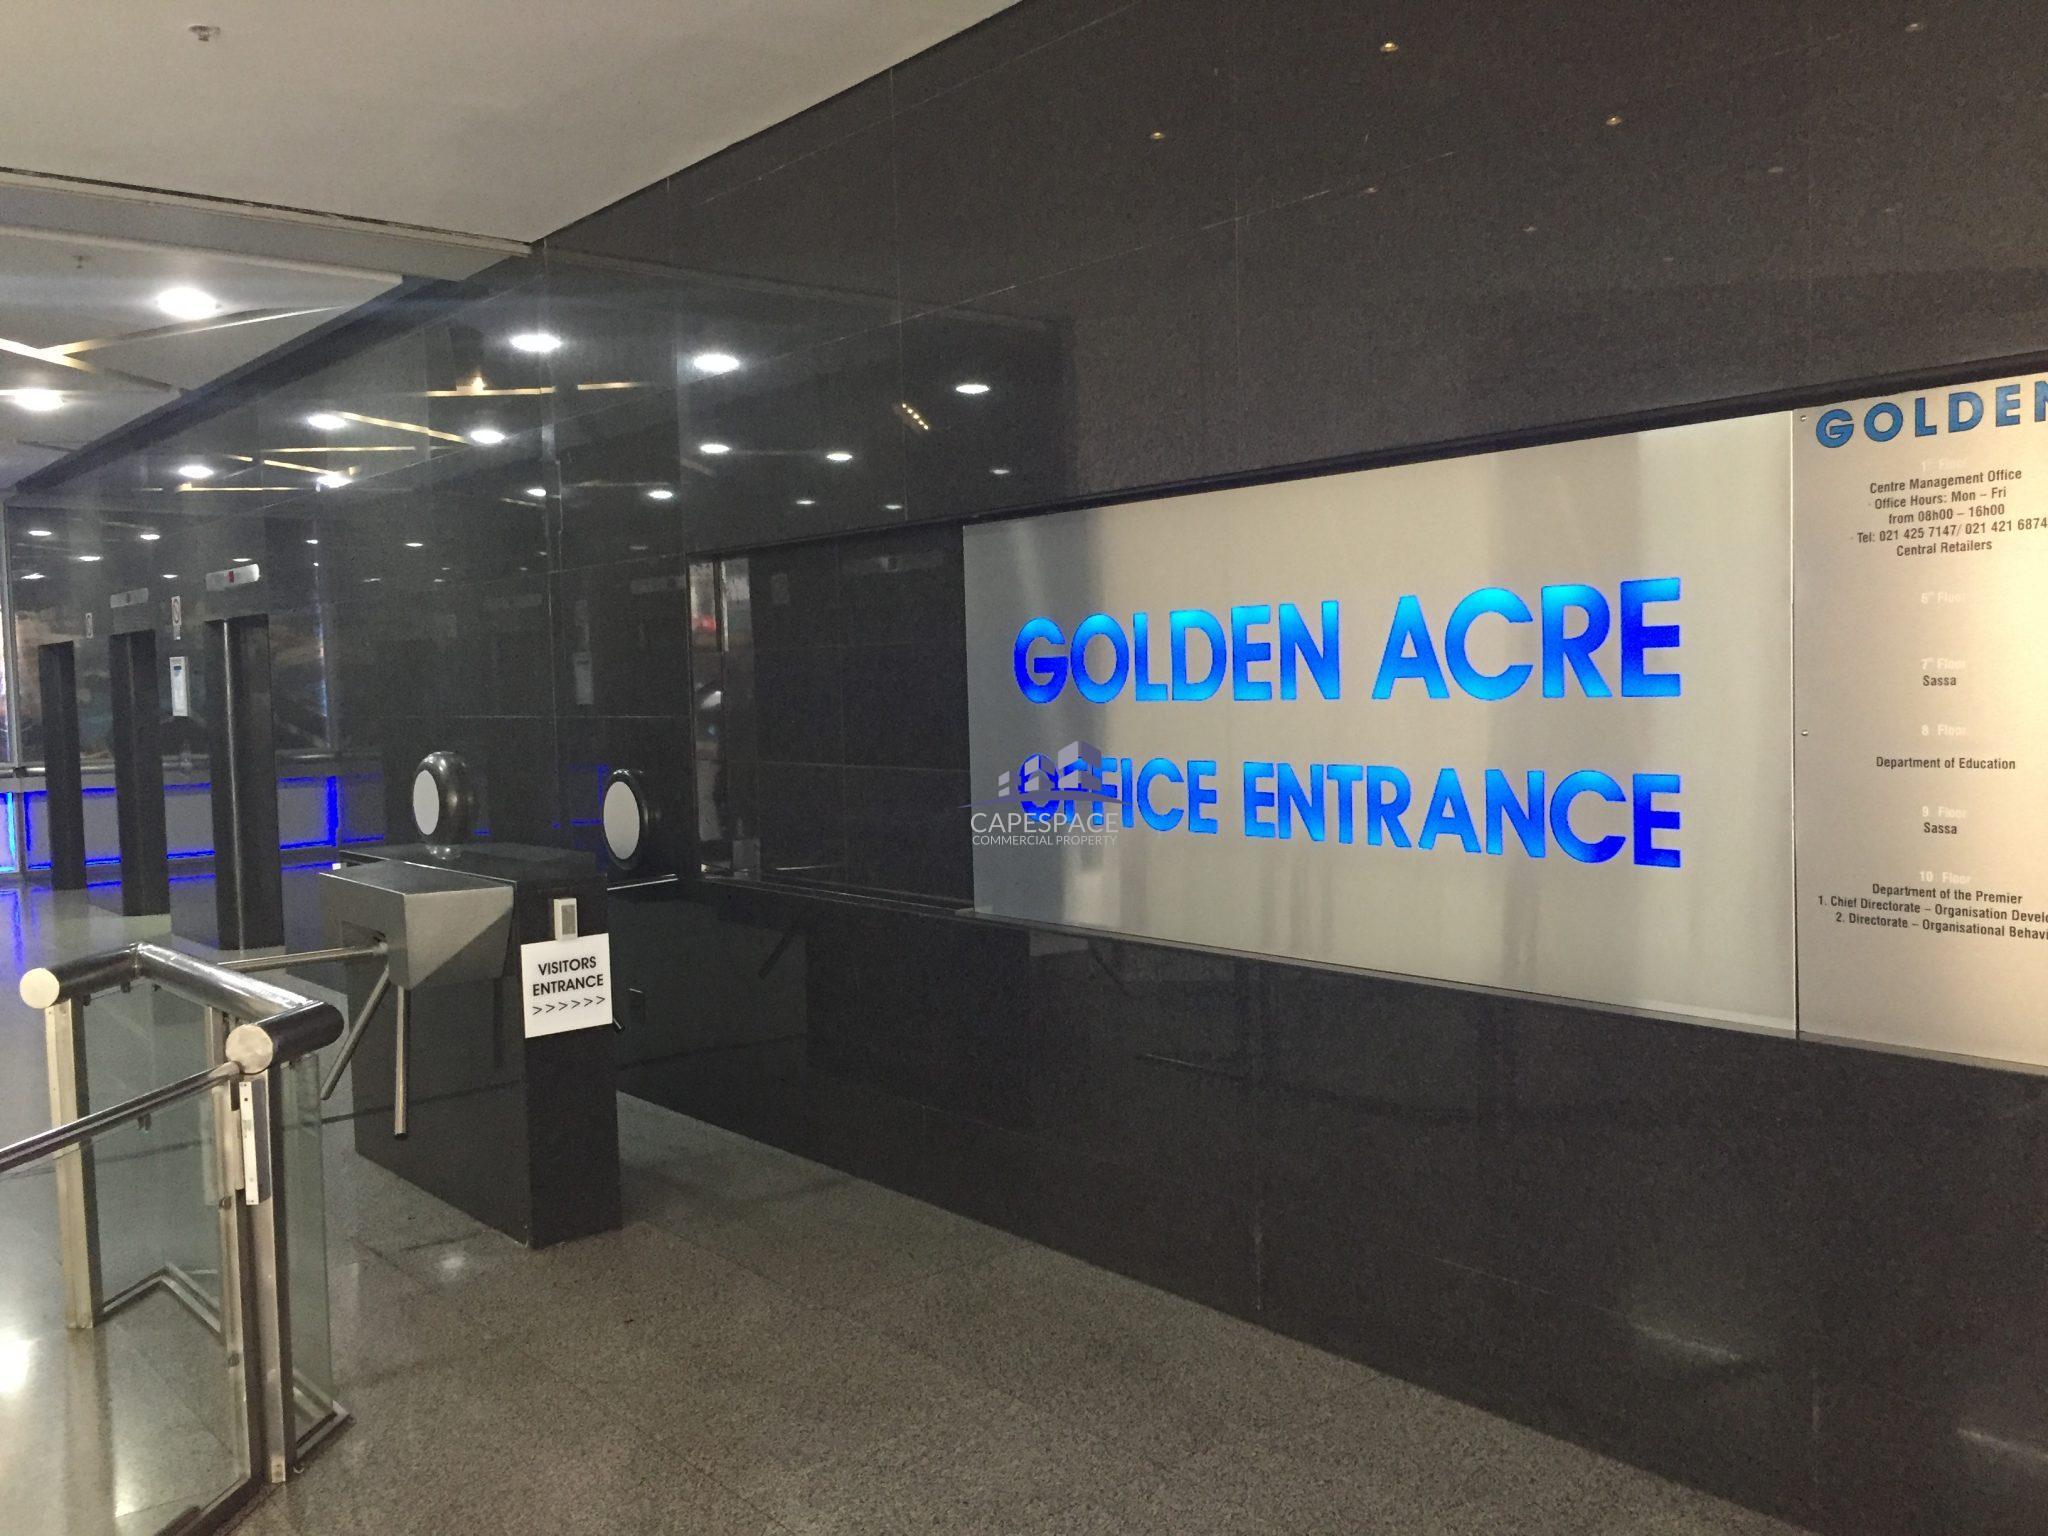 Golden Acre